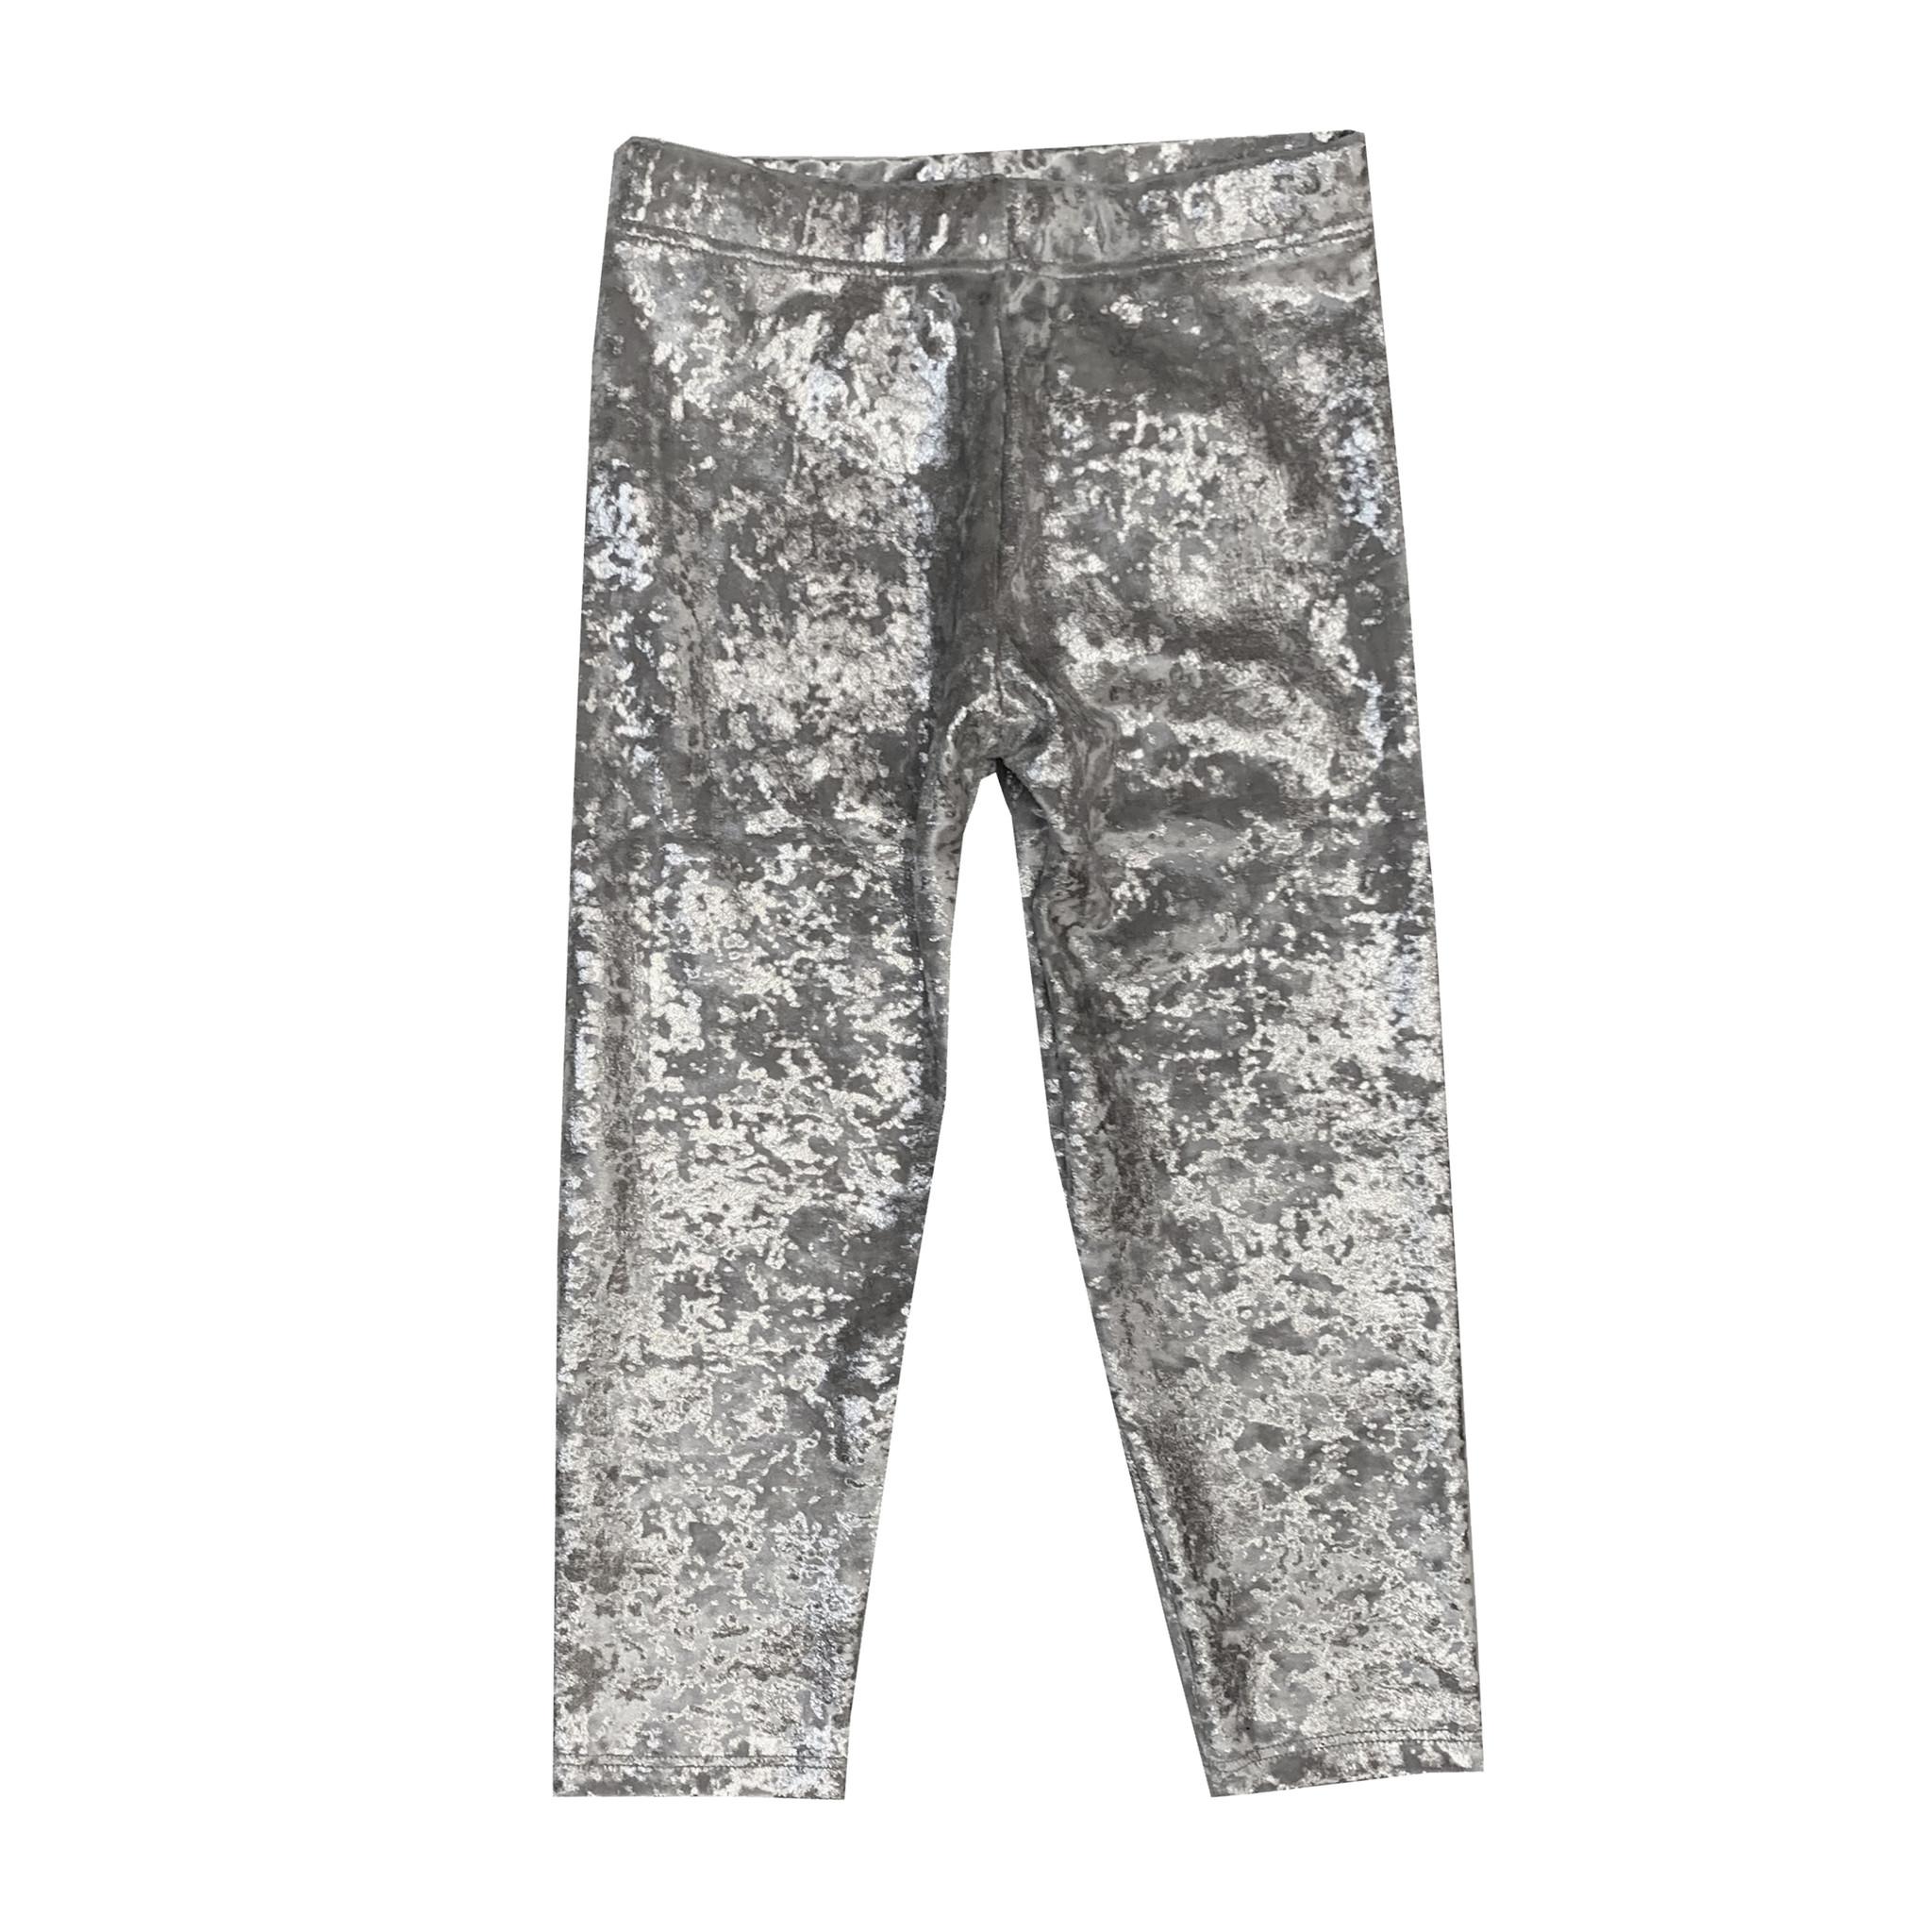 Dori Creations Infant Silver Crushed Velvet Legging